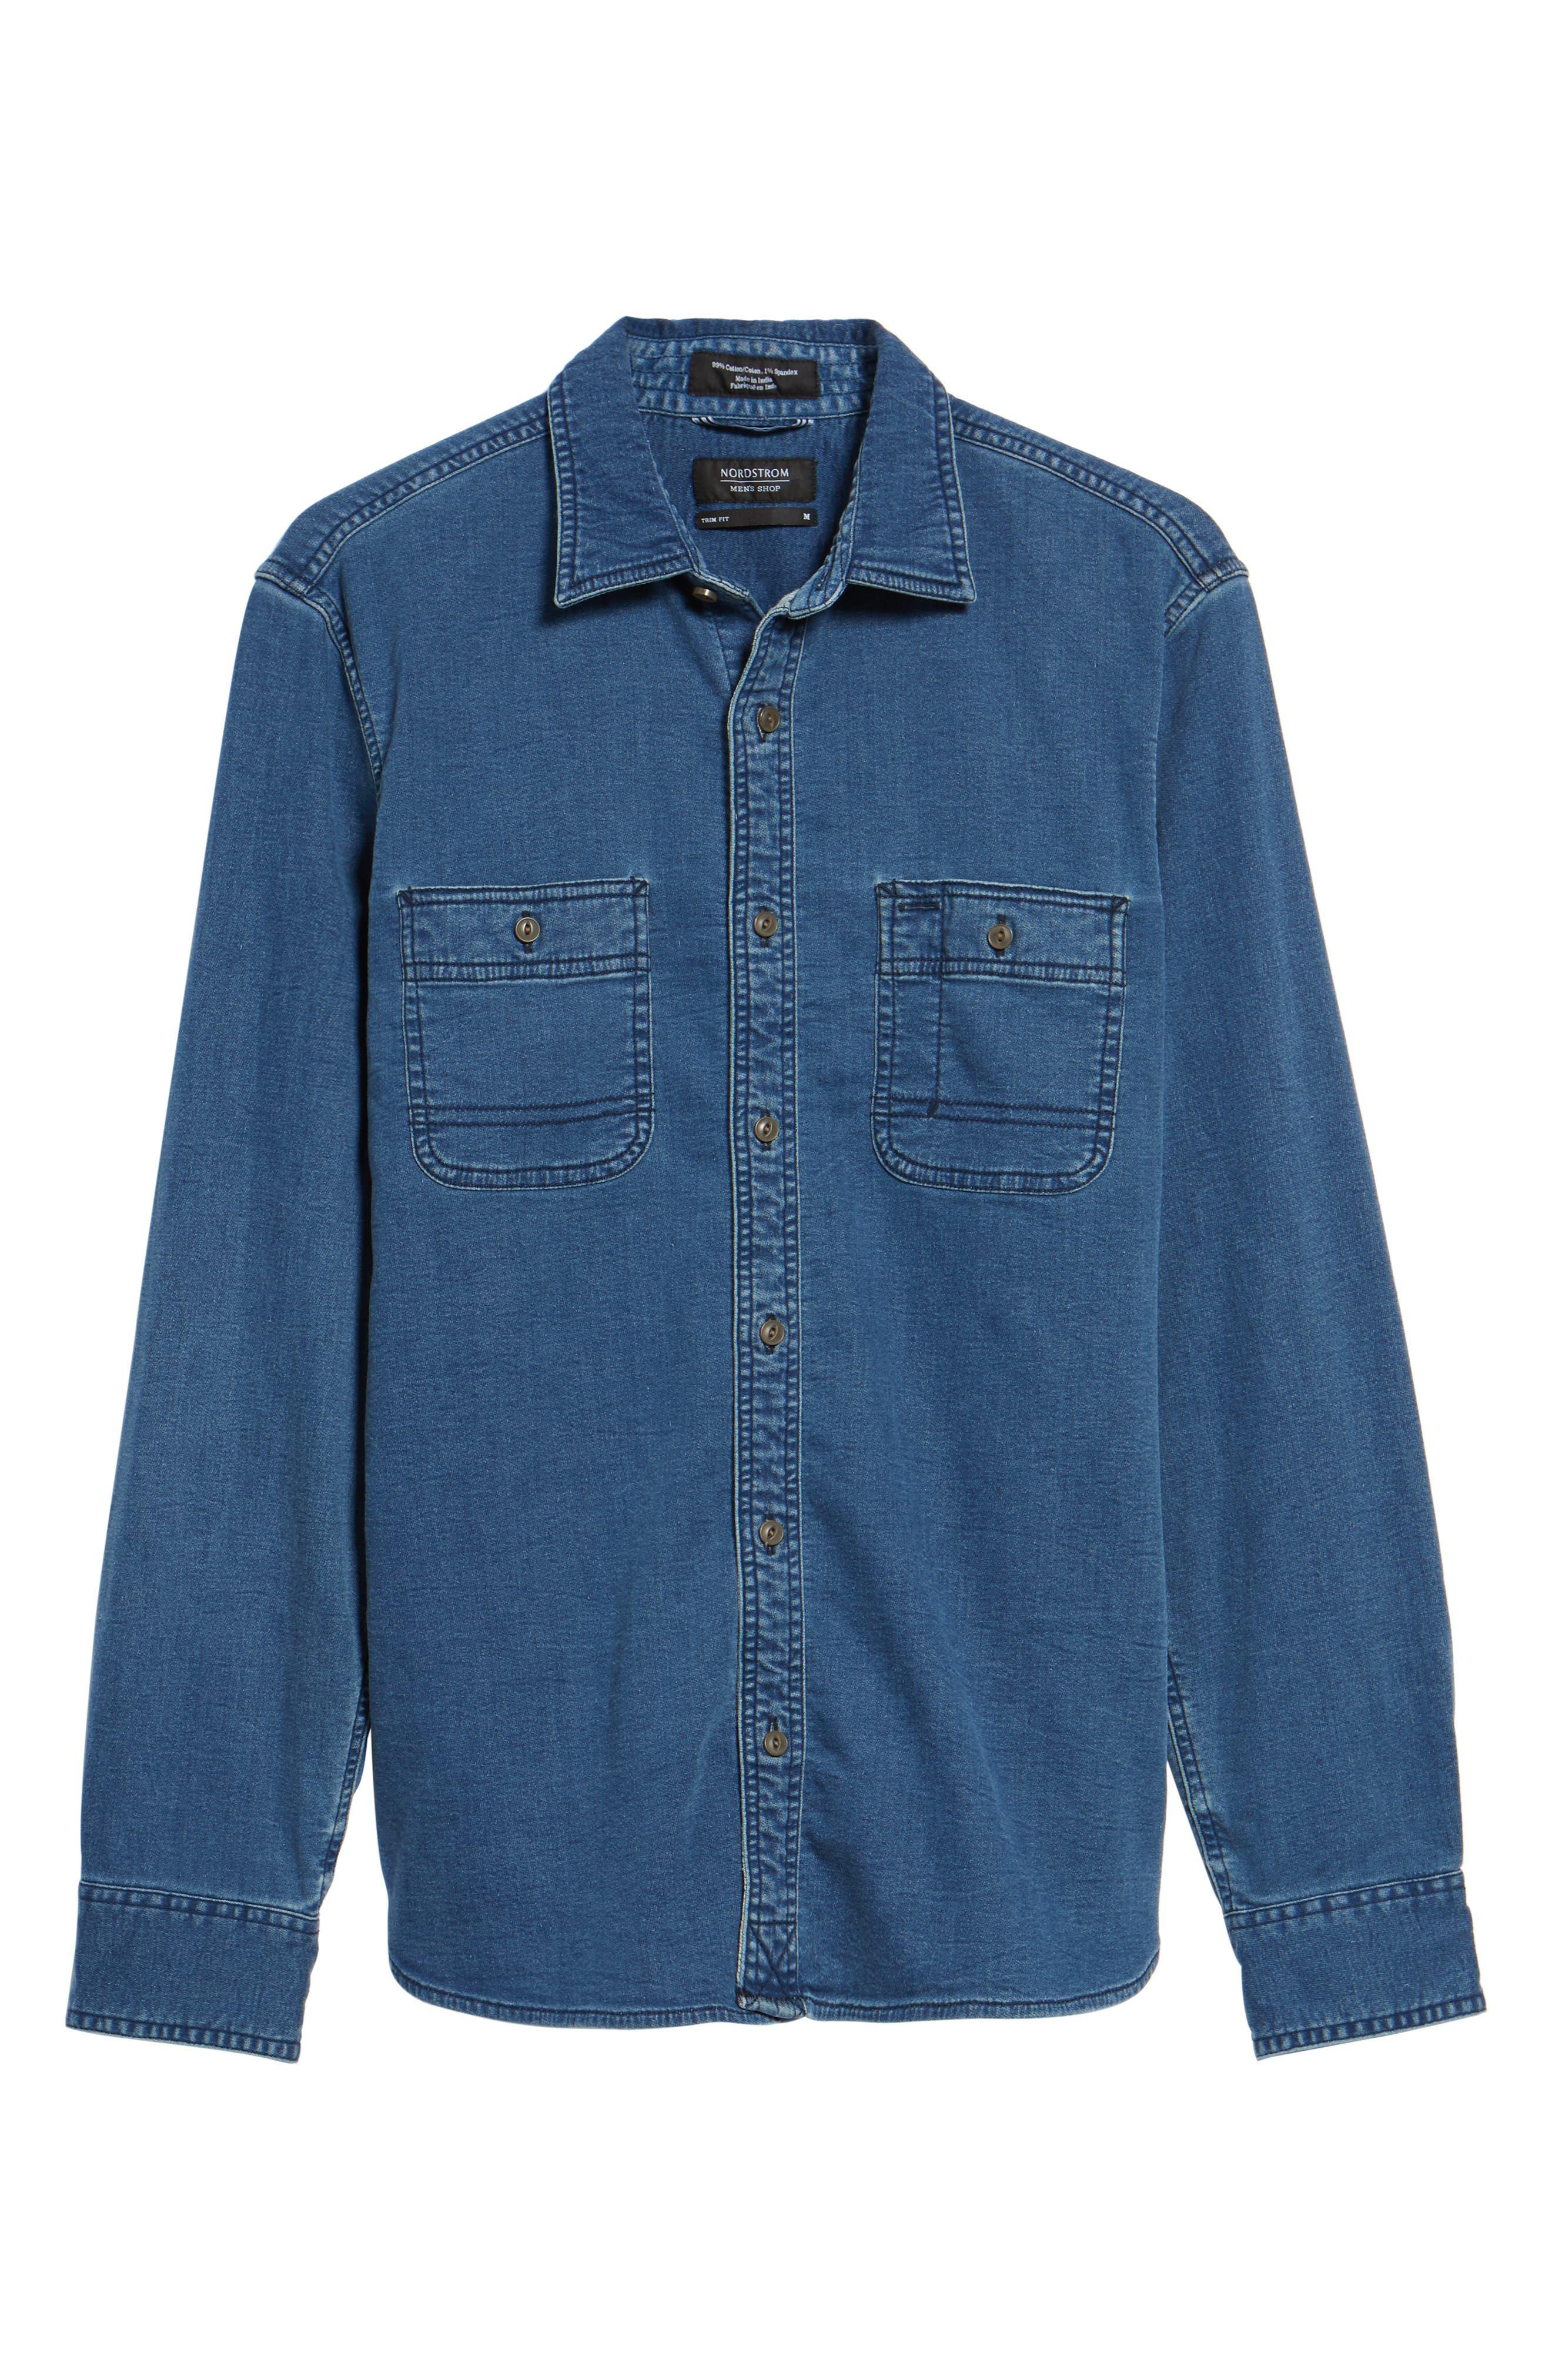 Trim Fit Utility Wash Knit Denim Shirt,                             Alternate thumbnail 6, color,                             420